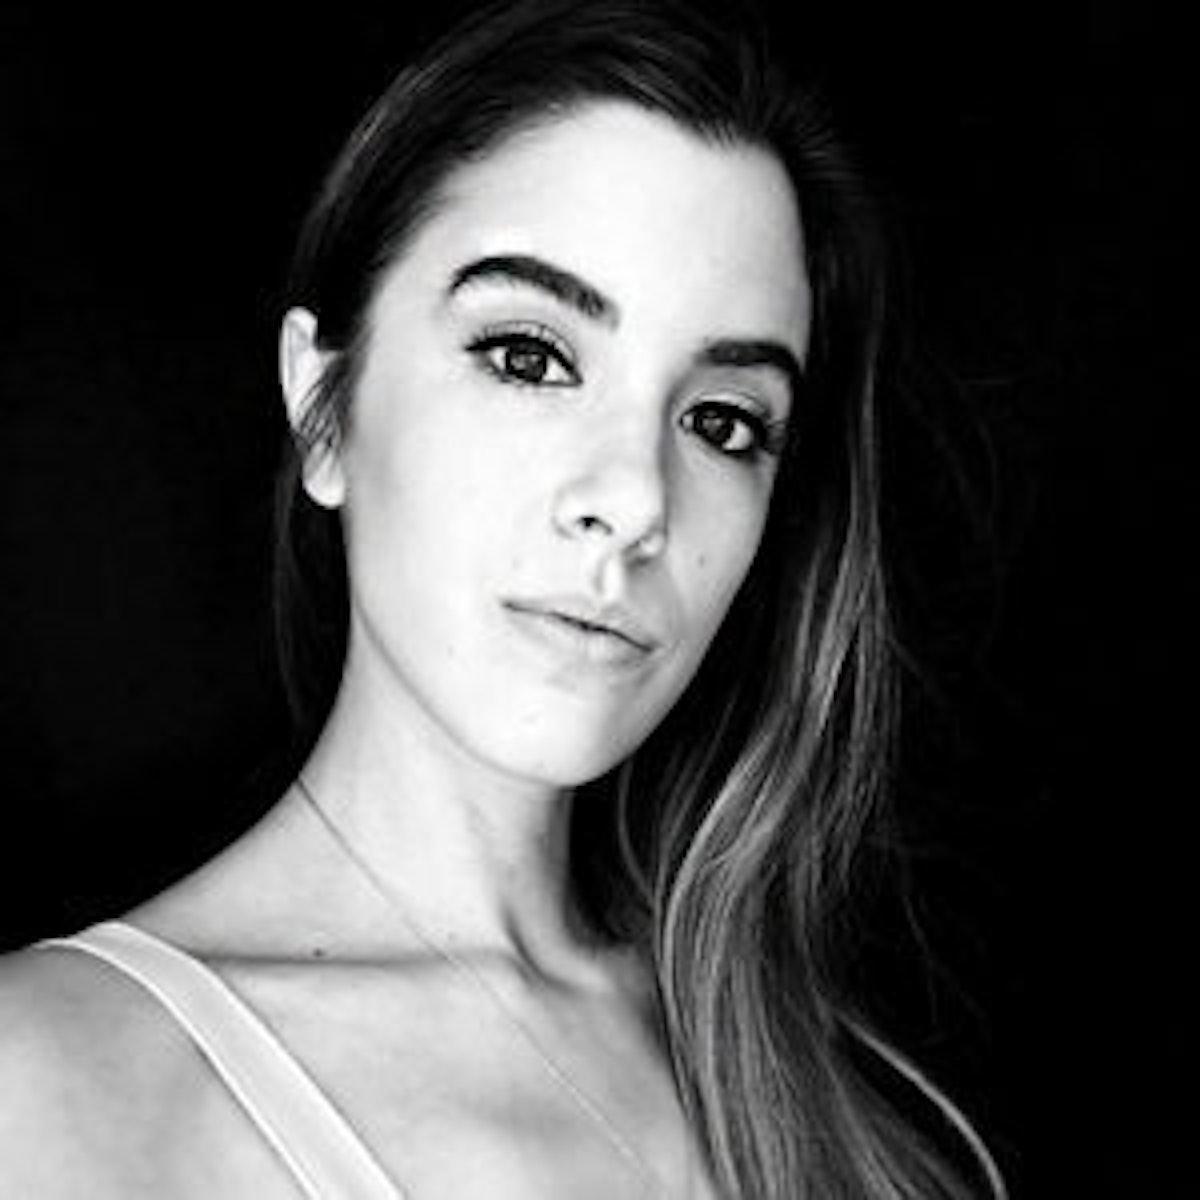 Allison Kuehn